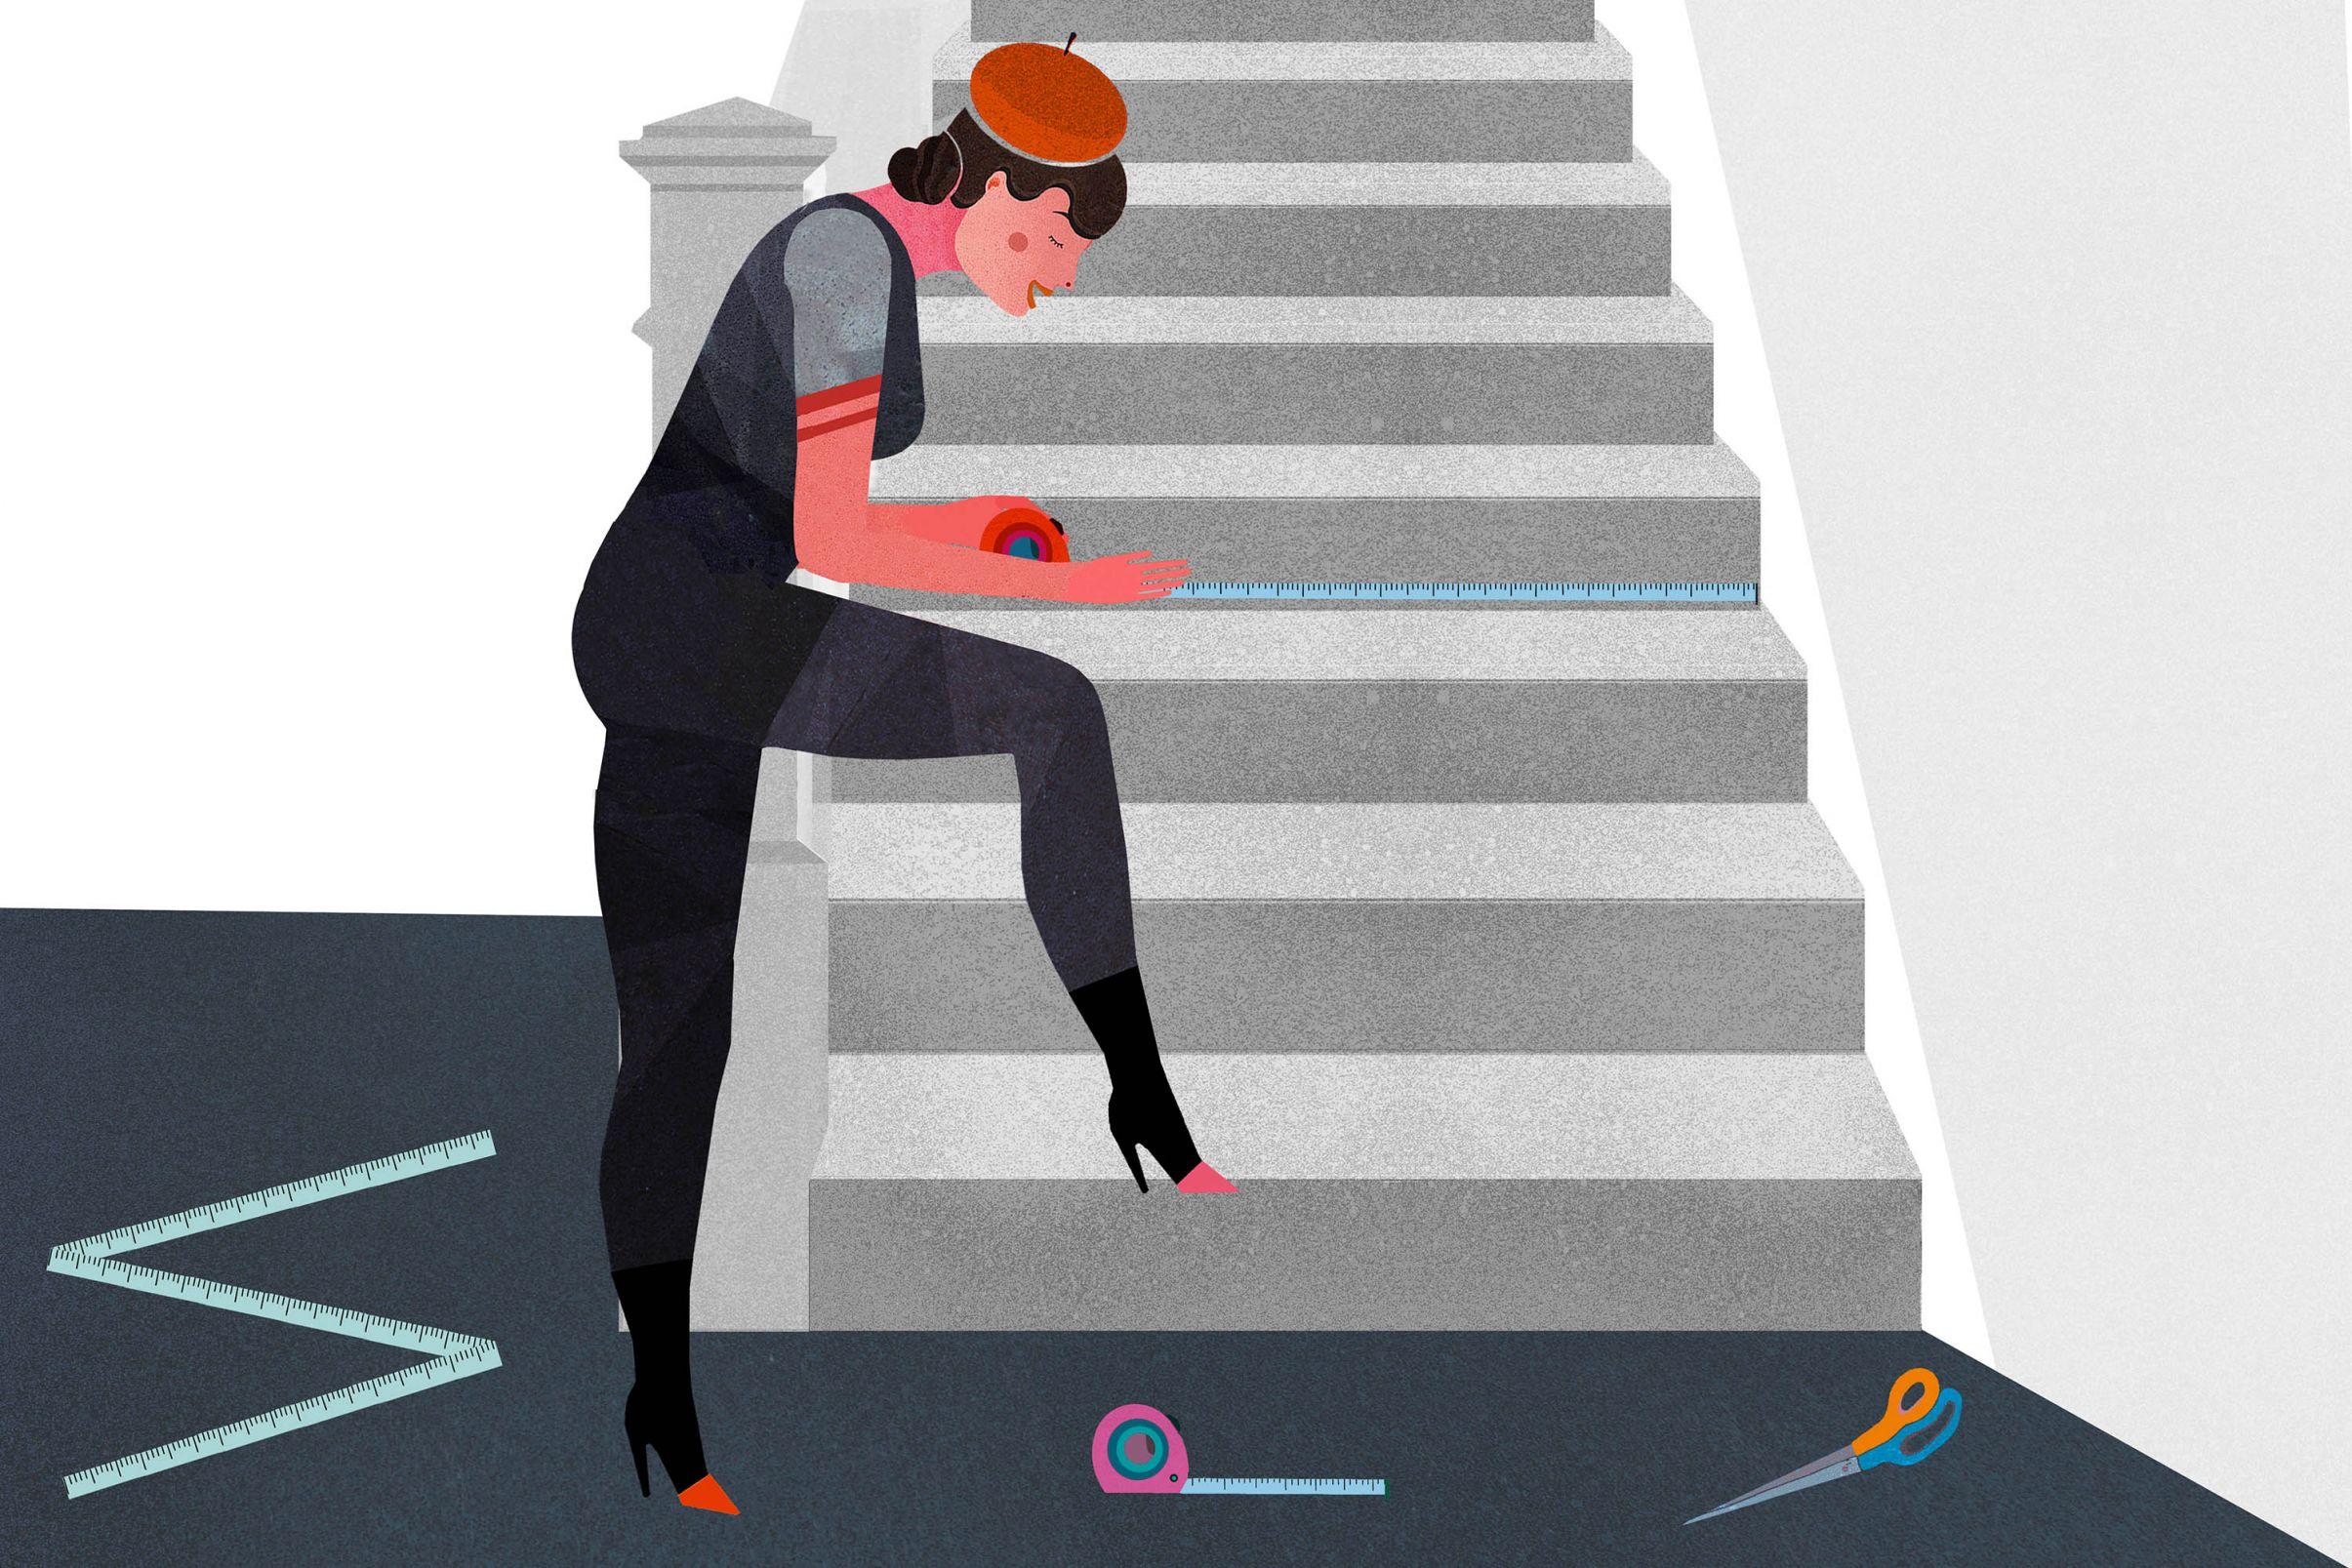 Come-abbellire-le-scale-con-la-carta-da-parati-Misurare-l-alzata-degli-scalini